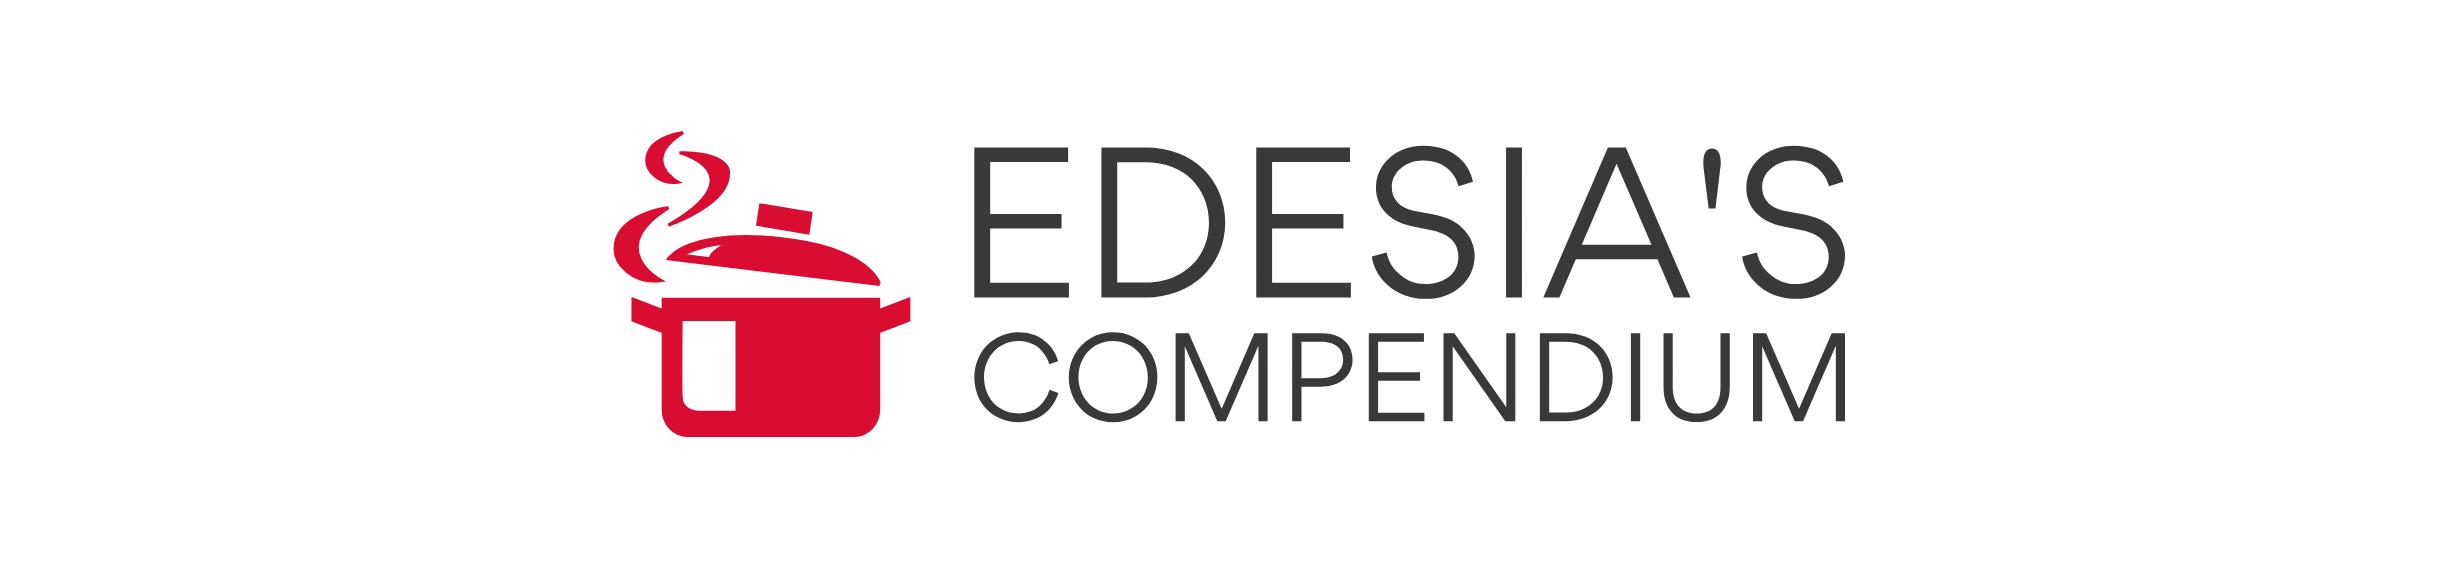 Edesia's Compendium